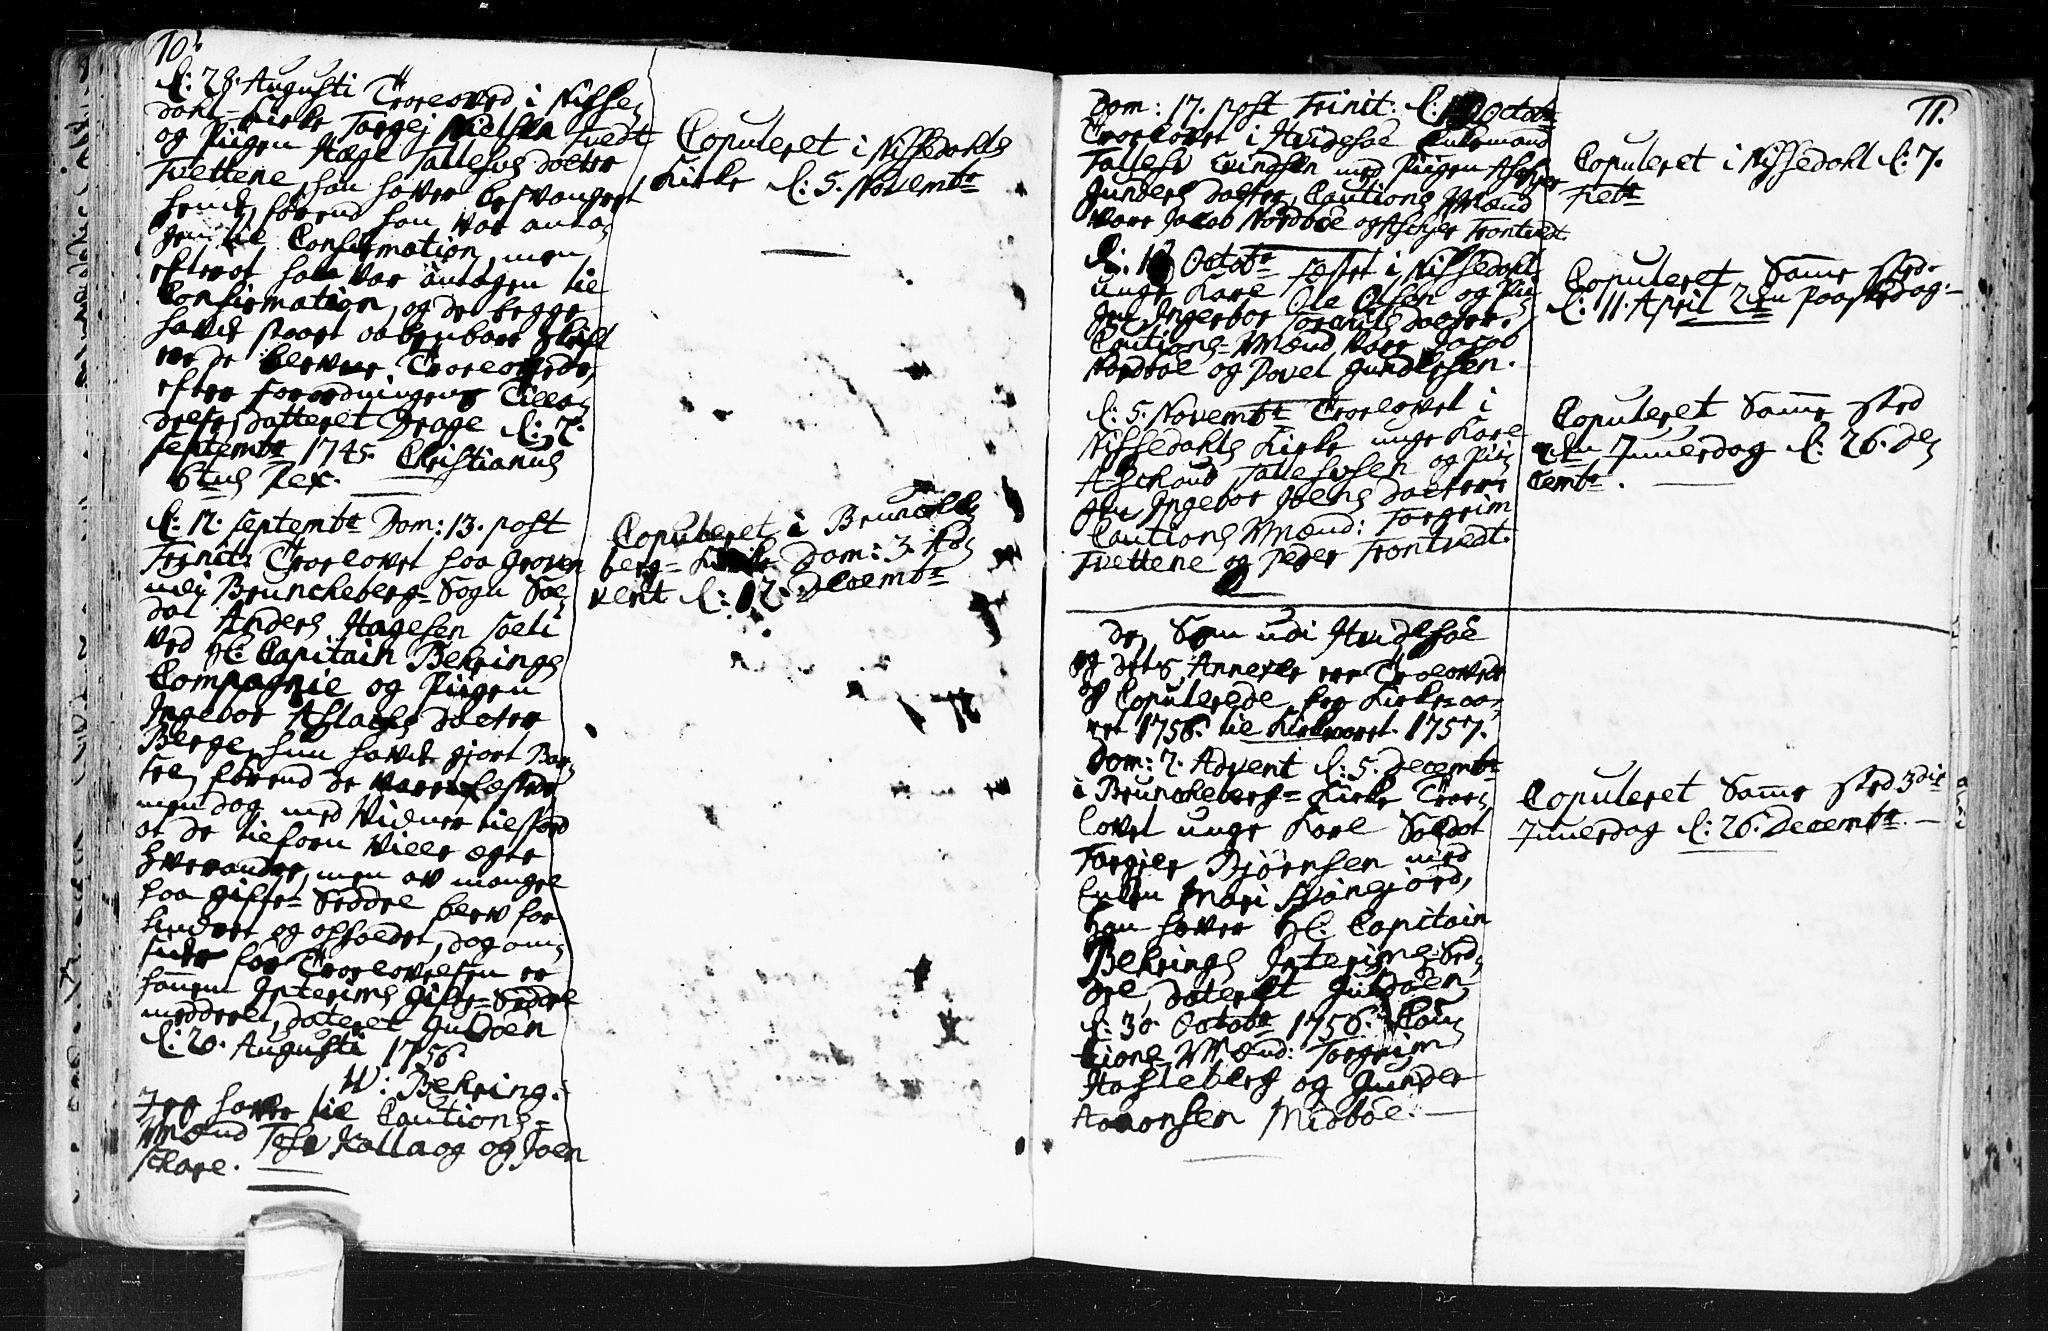 SAKO, Kviteseid kirkebøker, F/Fa/L0001: Ministerialbok nr. I 1, 1754-1773, s. 10-11